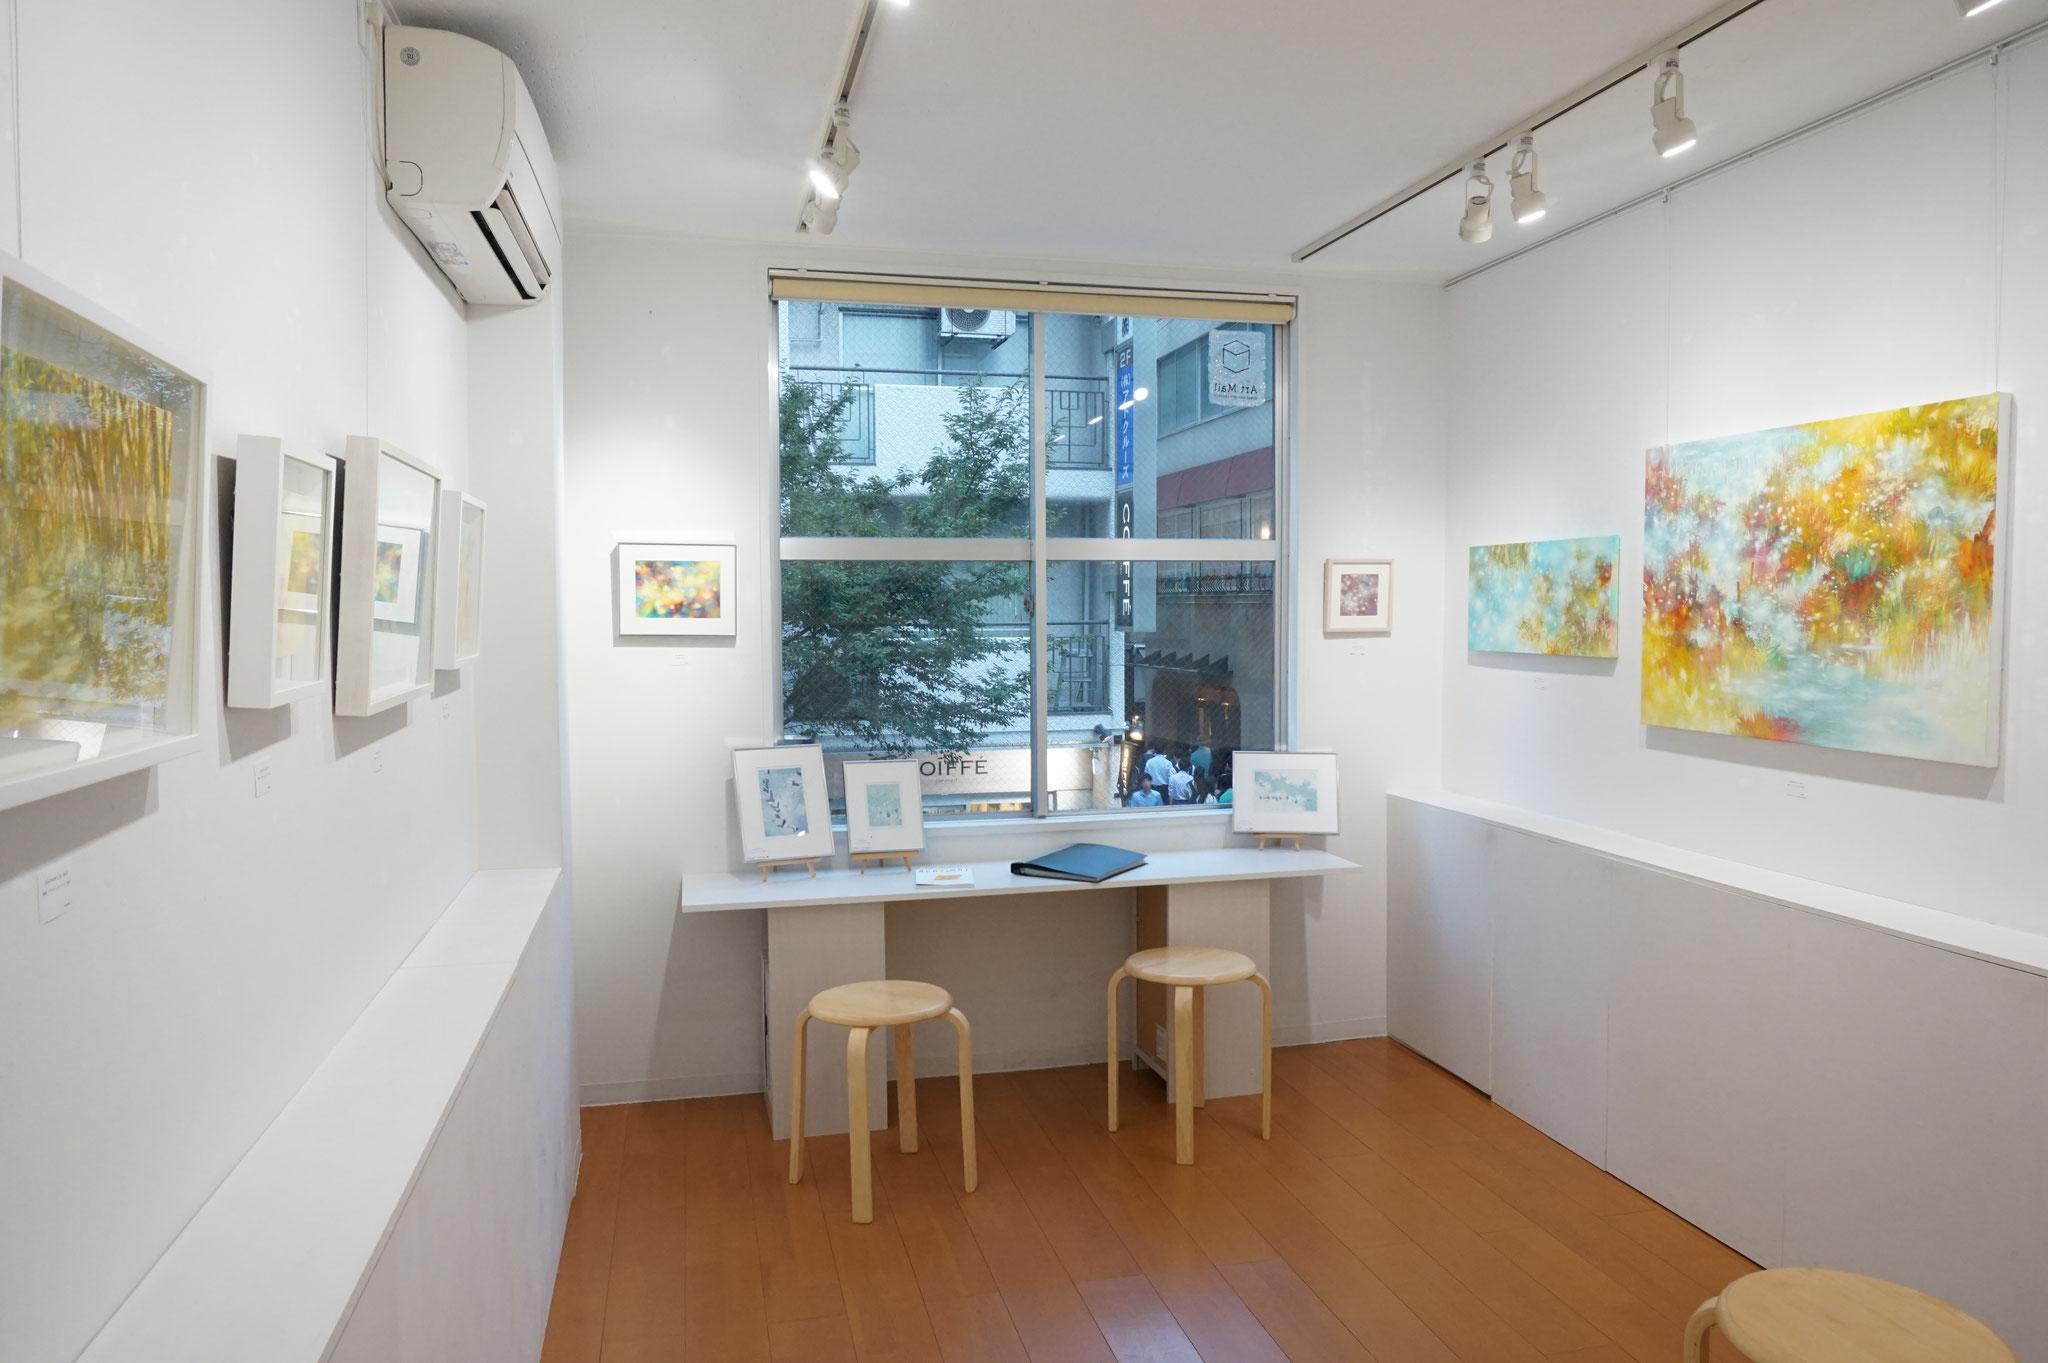 個展「ふりつもるひかり」2018.7.31〜8.10 Art Mall